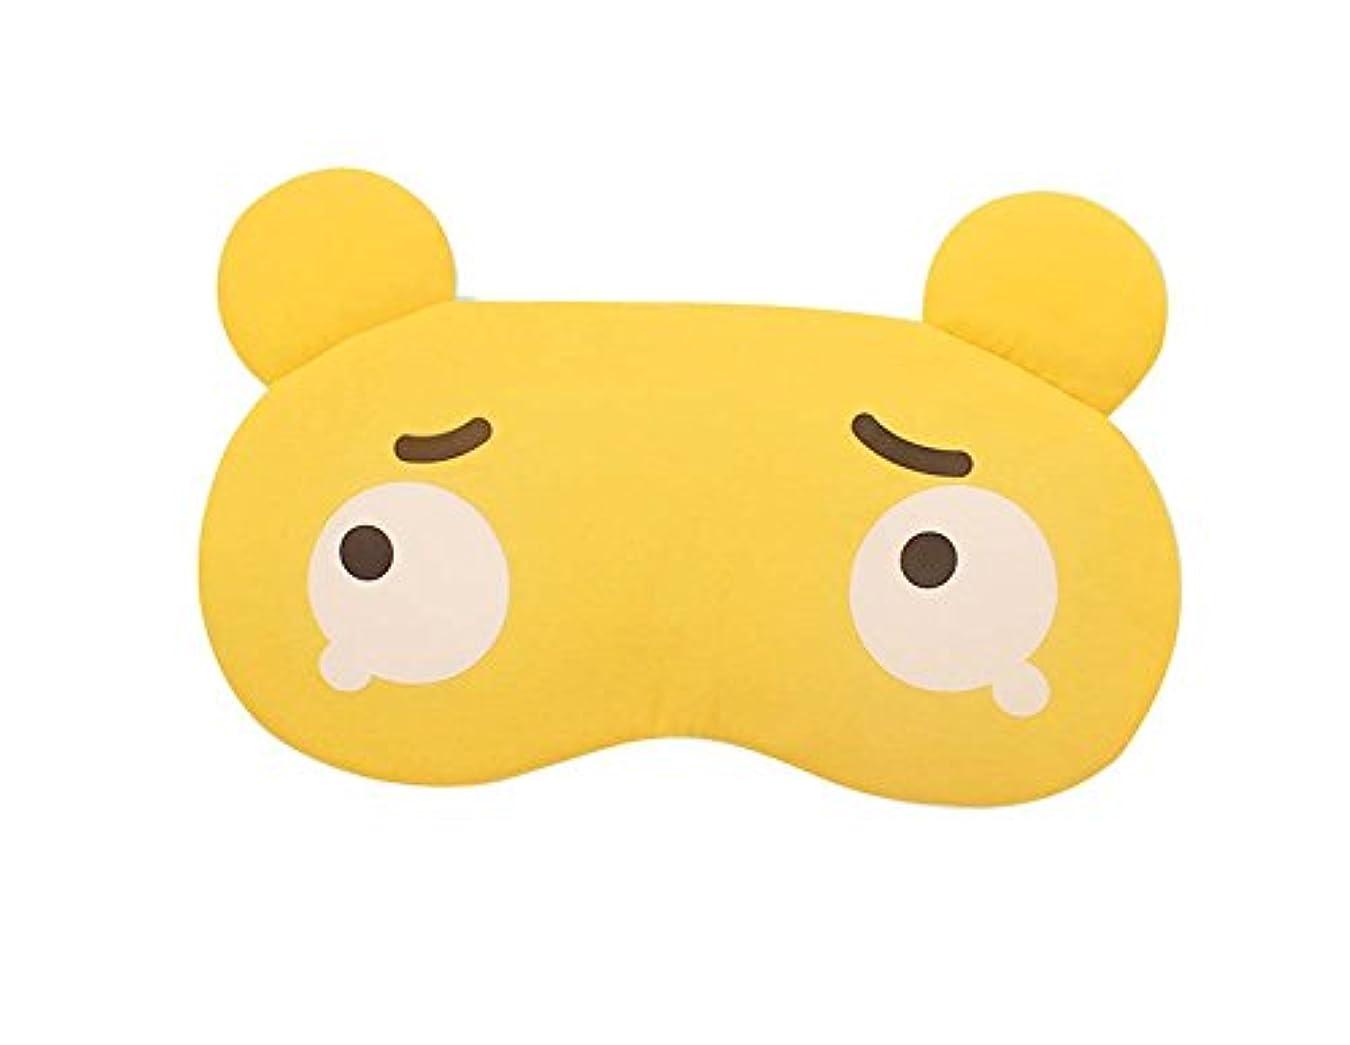 ダイバー本を読む一緒に黄色の泣きかわいい睡眠アイマスク快適なアイカバー通気性のあるアイシェード